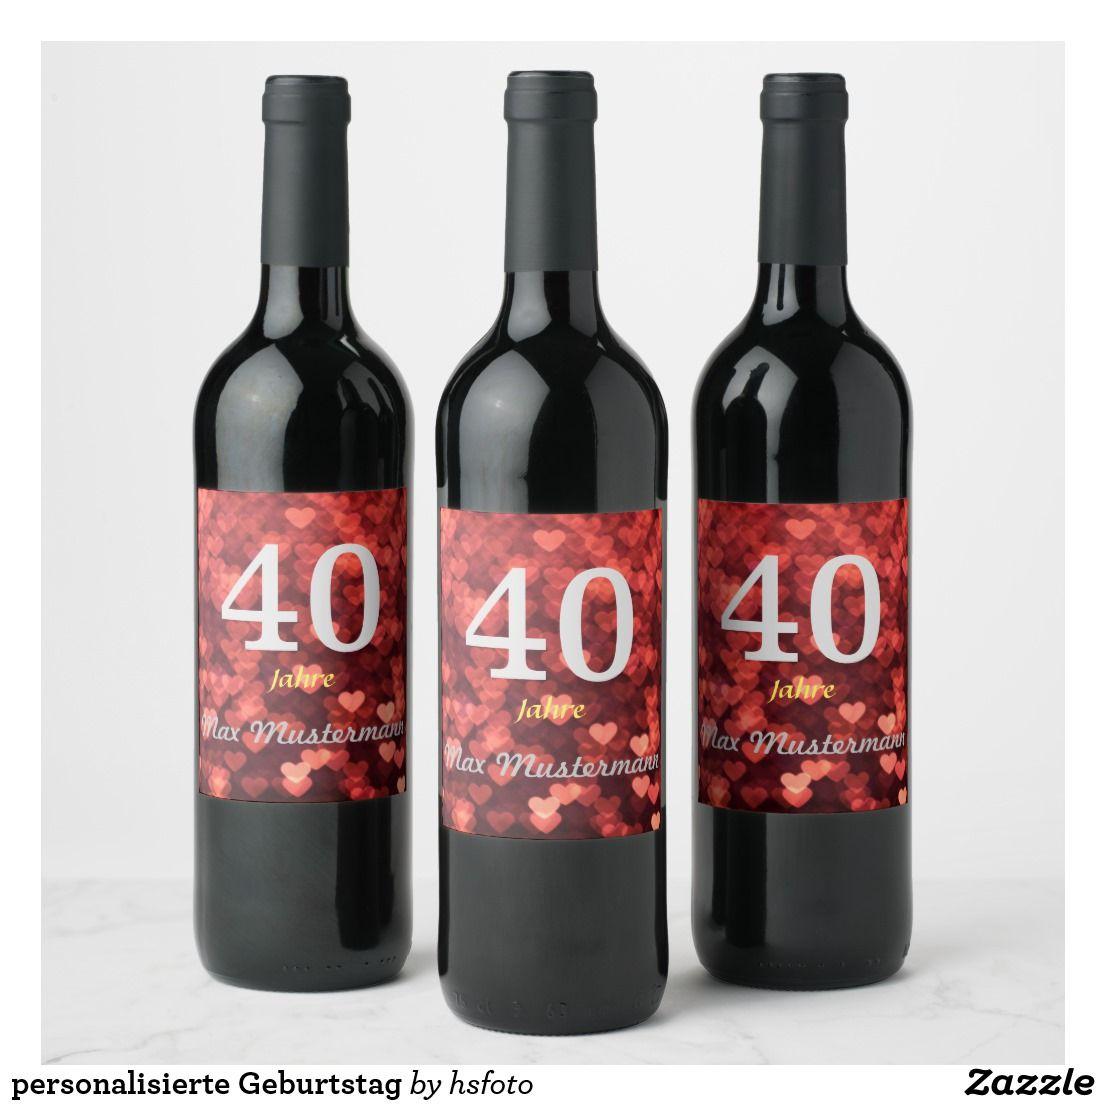 Personalized Birthday Wine Label Zazzle Com Personalized Birthday Wine Labels Birthday Wine Label Birthday Wine